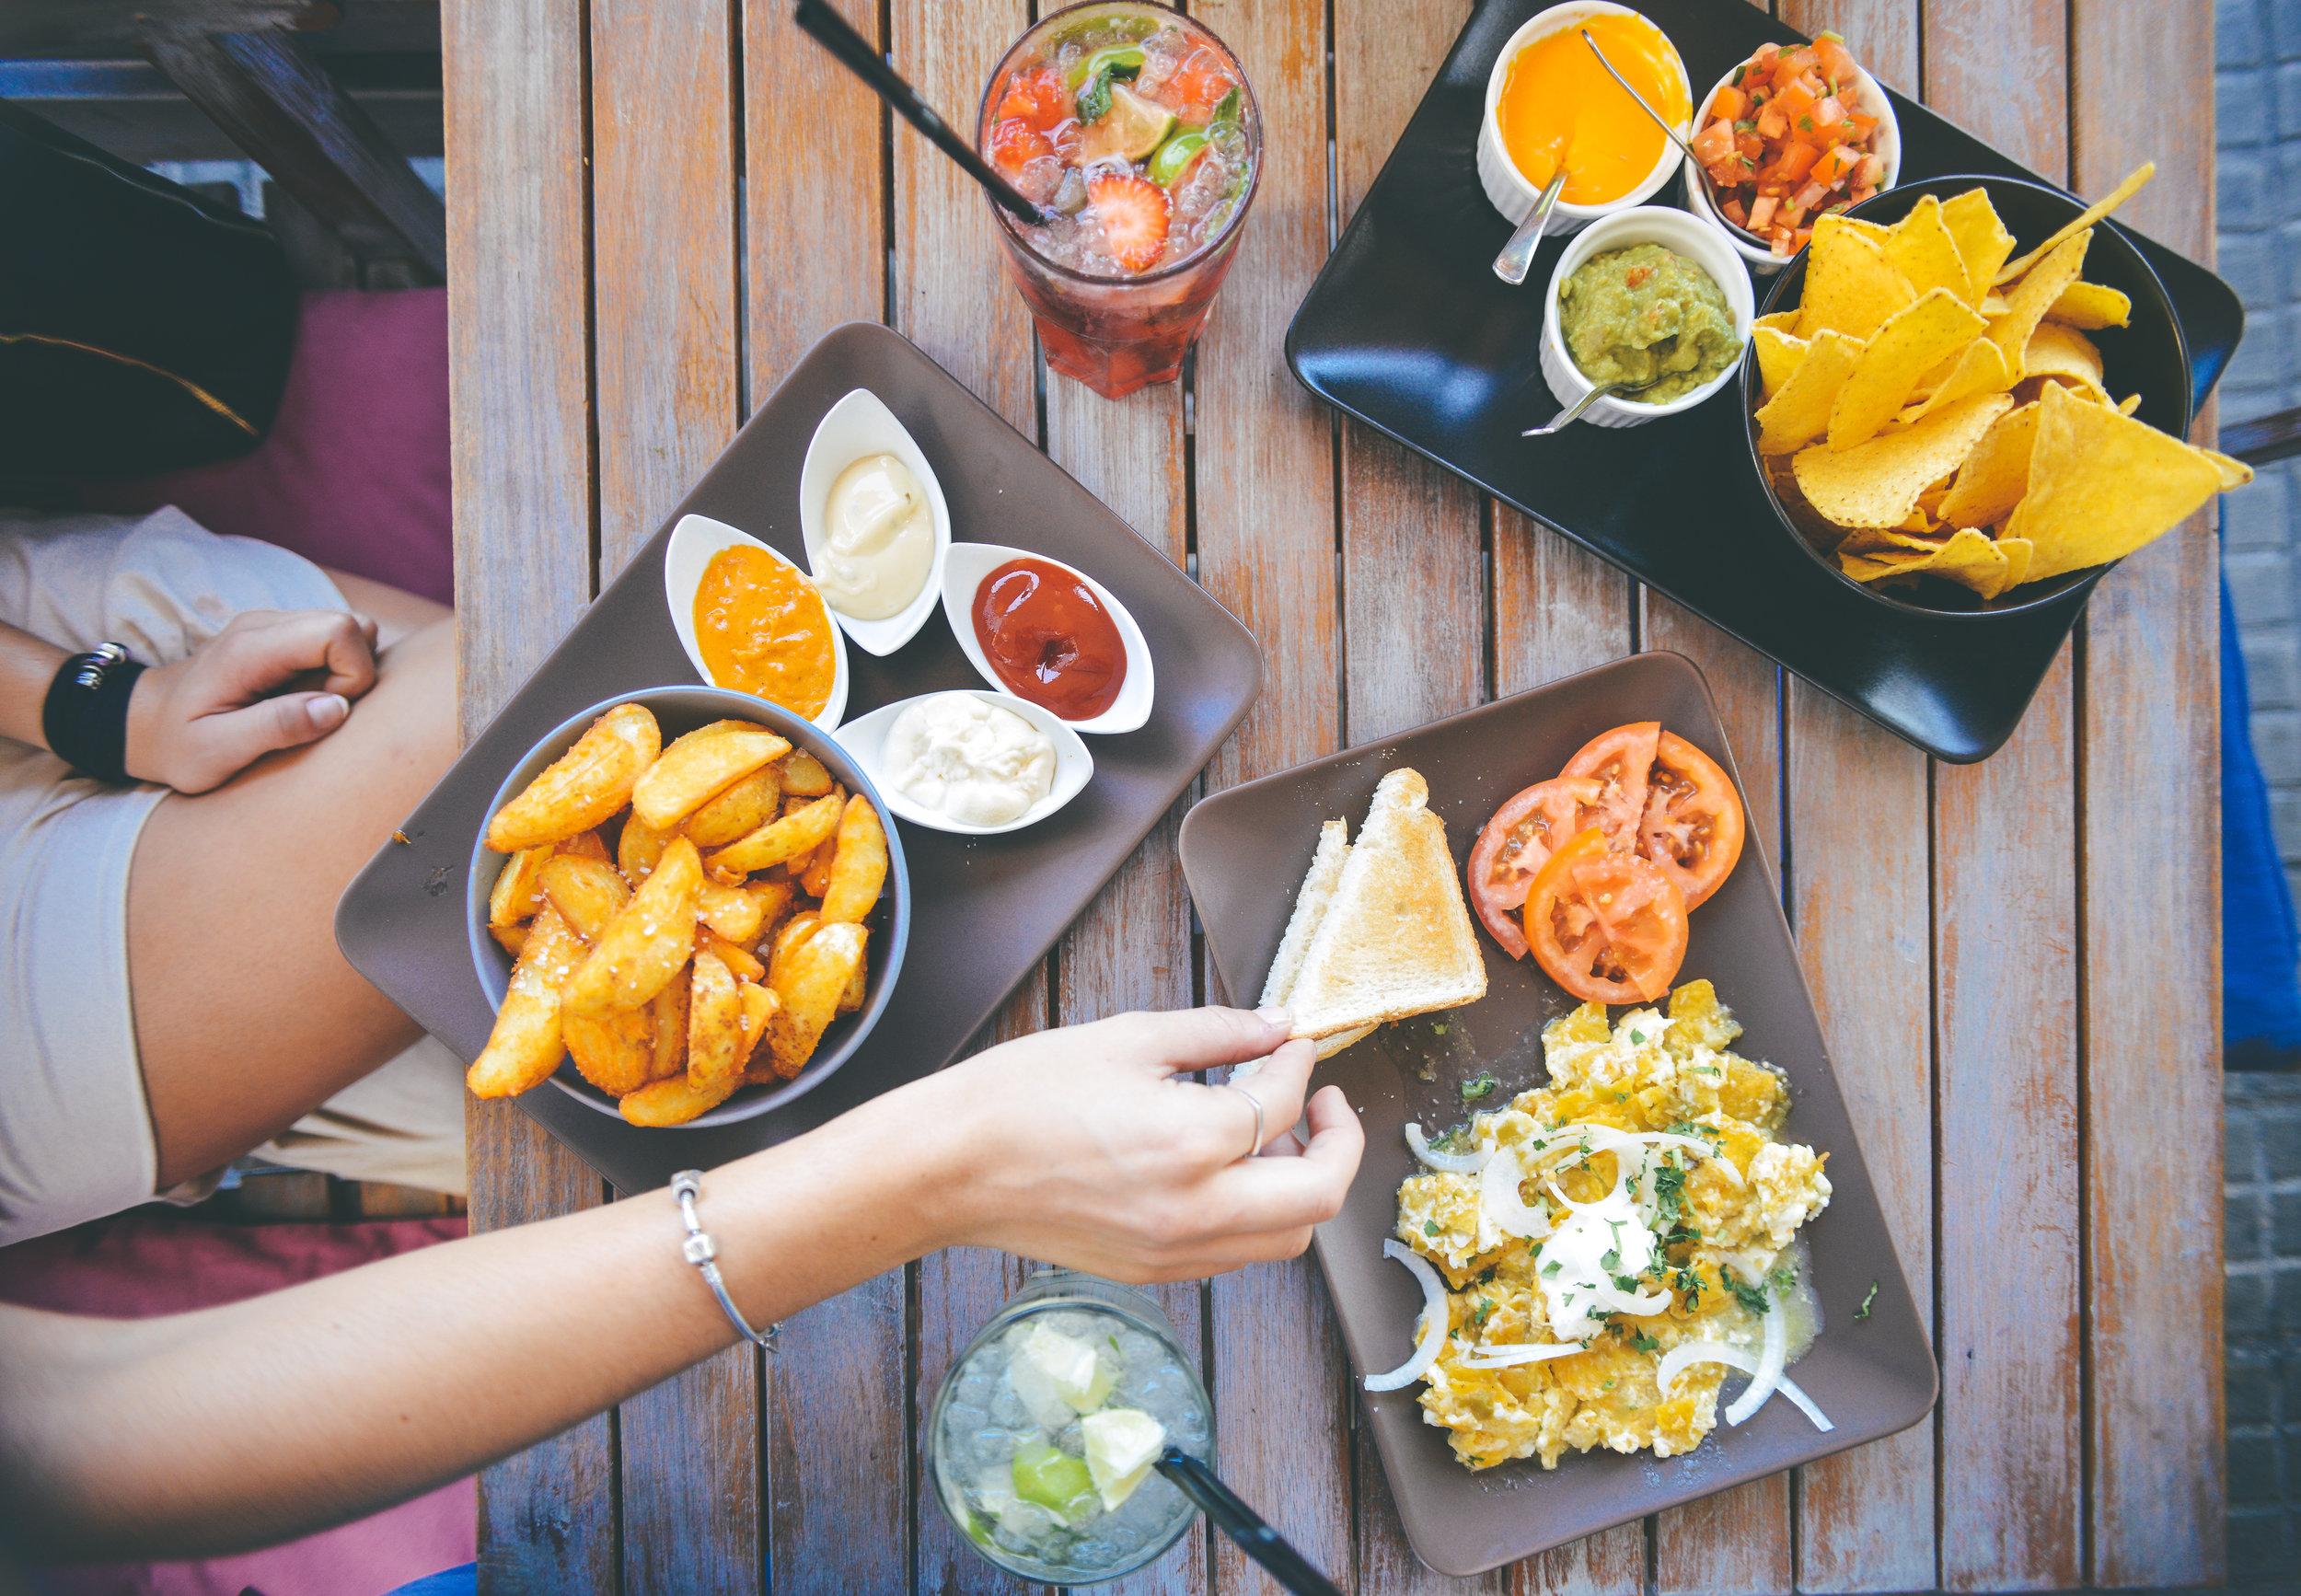 Girl Eating Appetizers in Restaurant.jpg